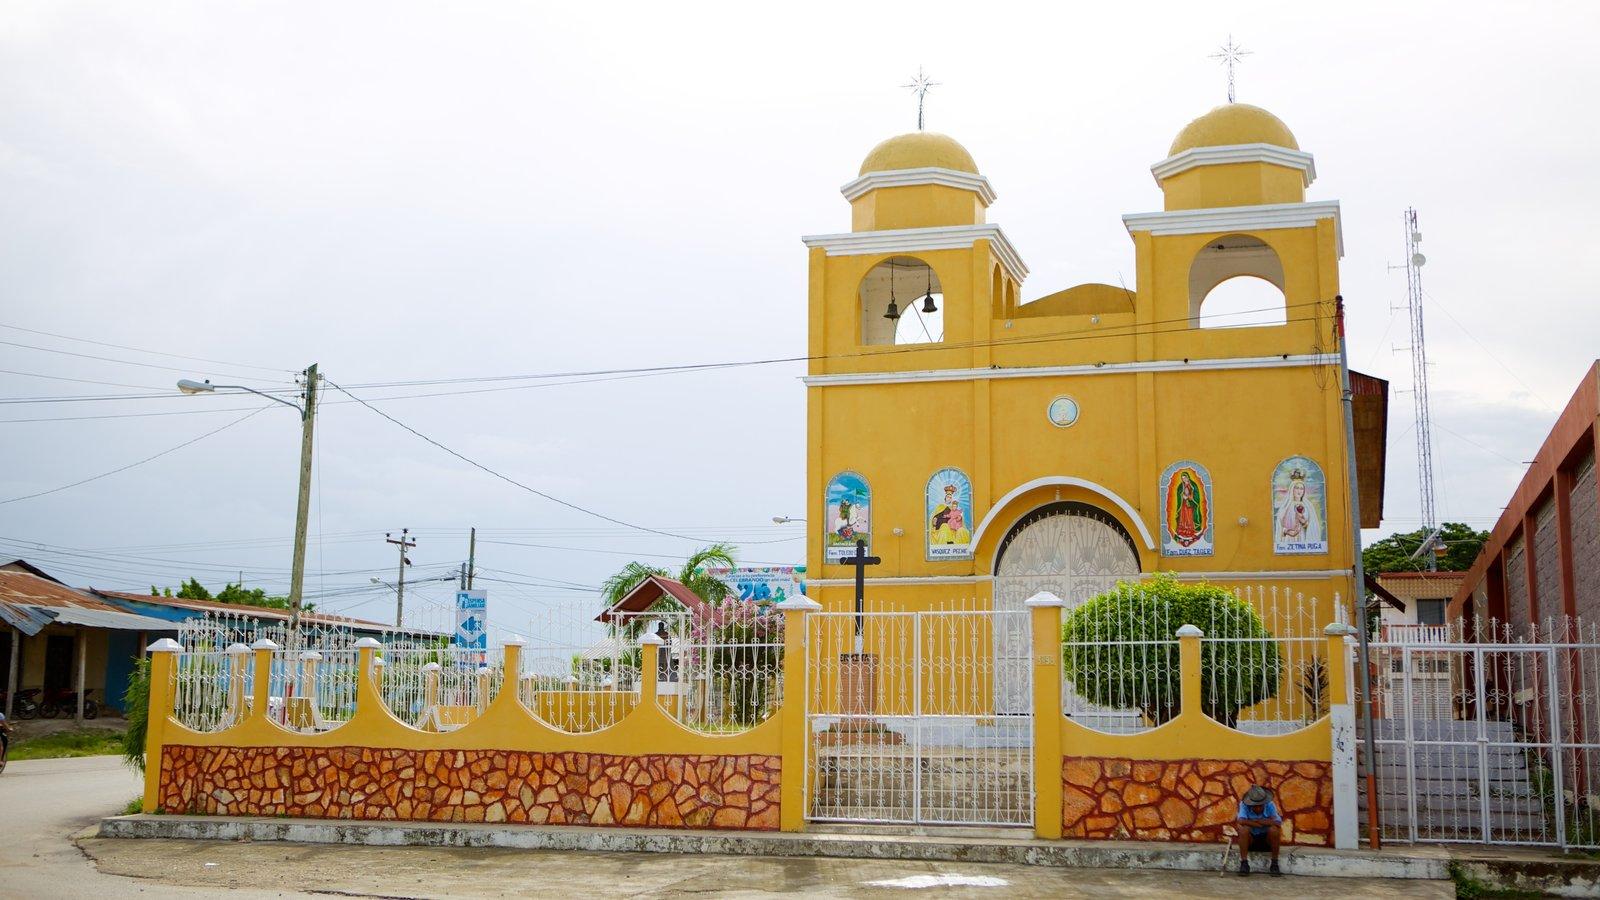 Santa Elena mostrando uma igreja ou catedral e aspectos religiosos